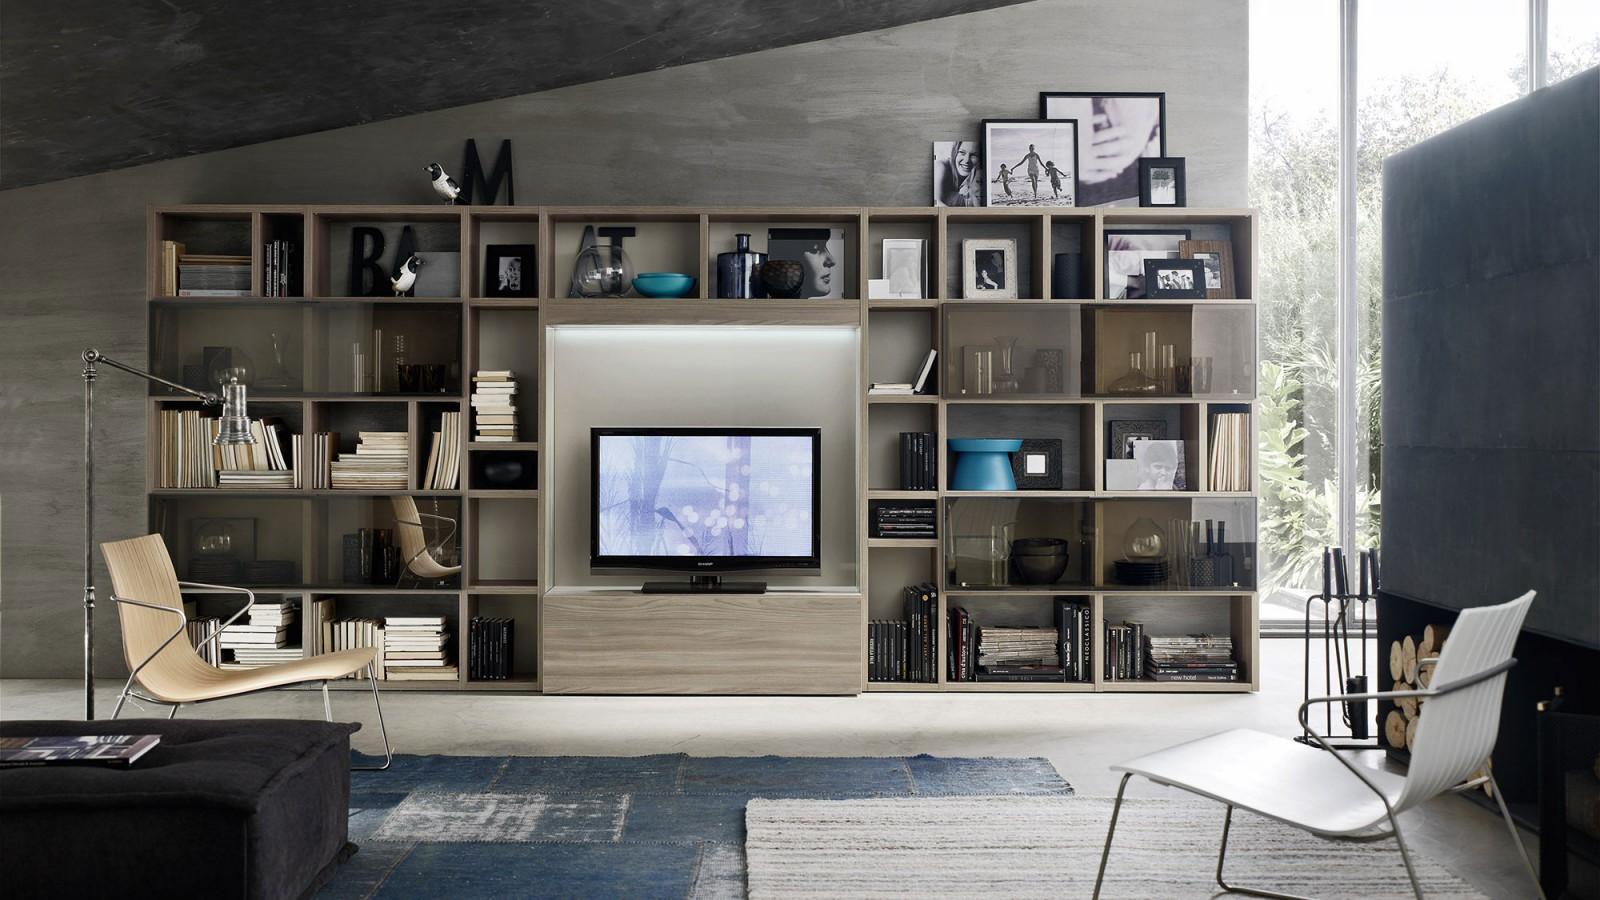 Soggiorno moderno 2016 immagini ispirazione sul design - Immagini soggiorno moderno ...